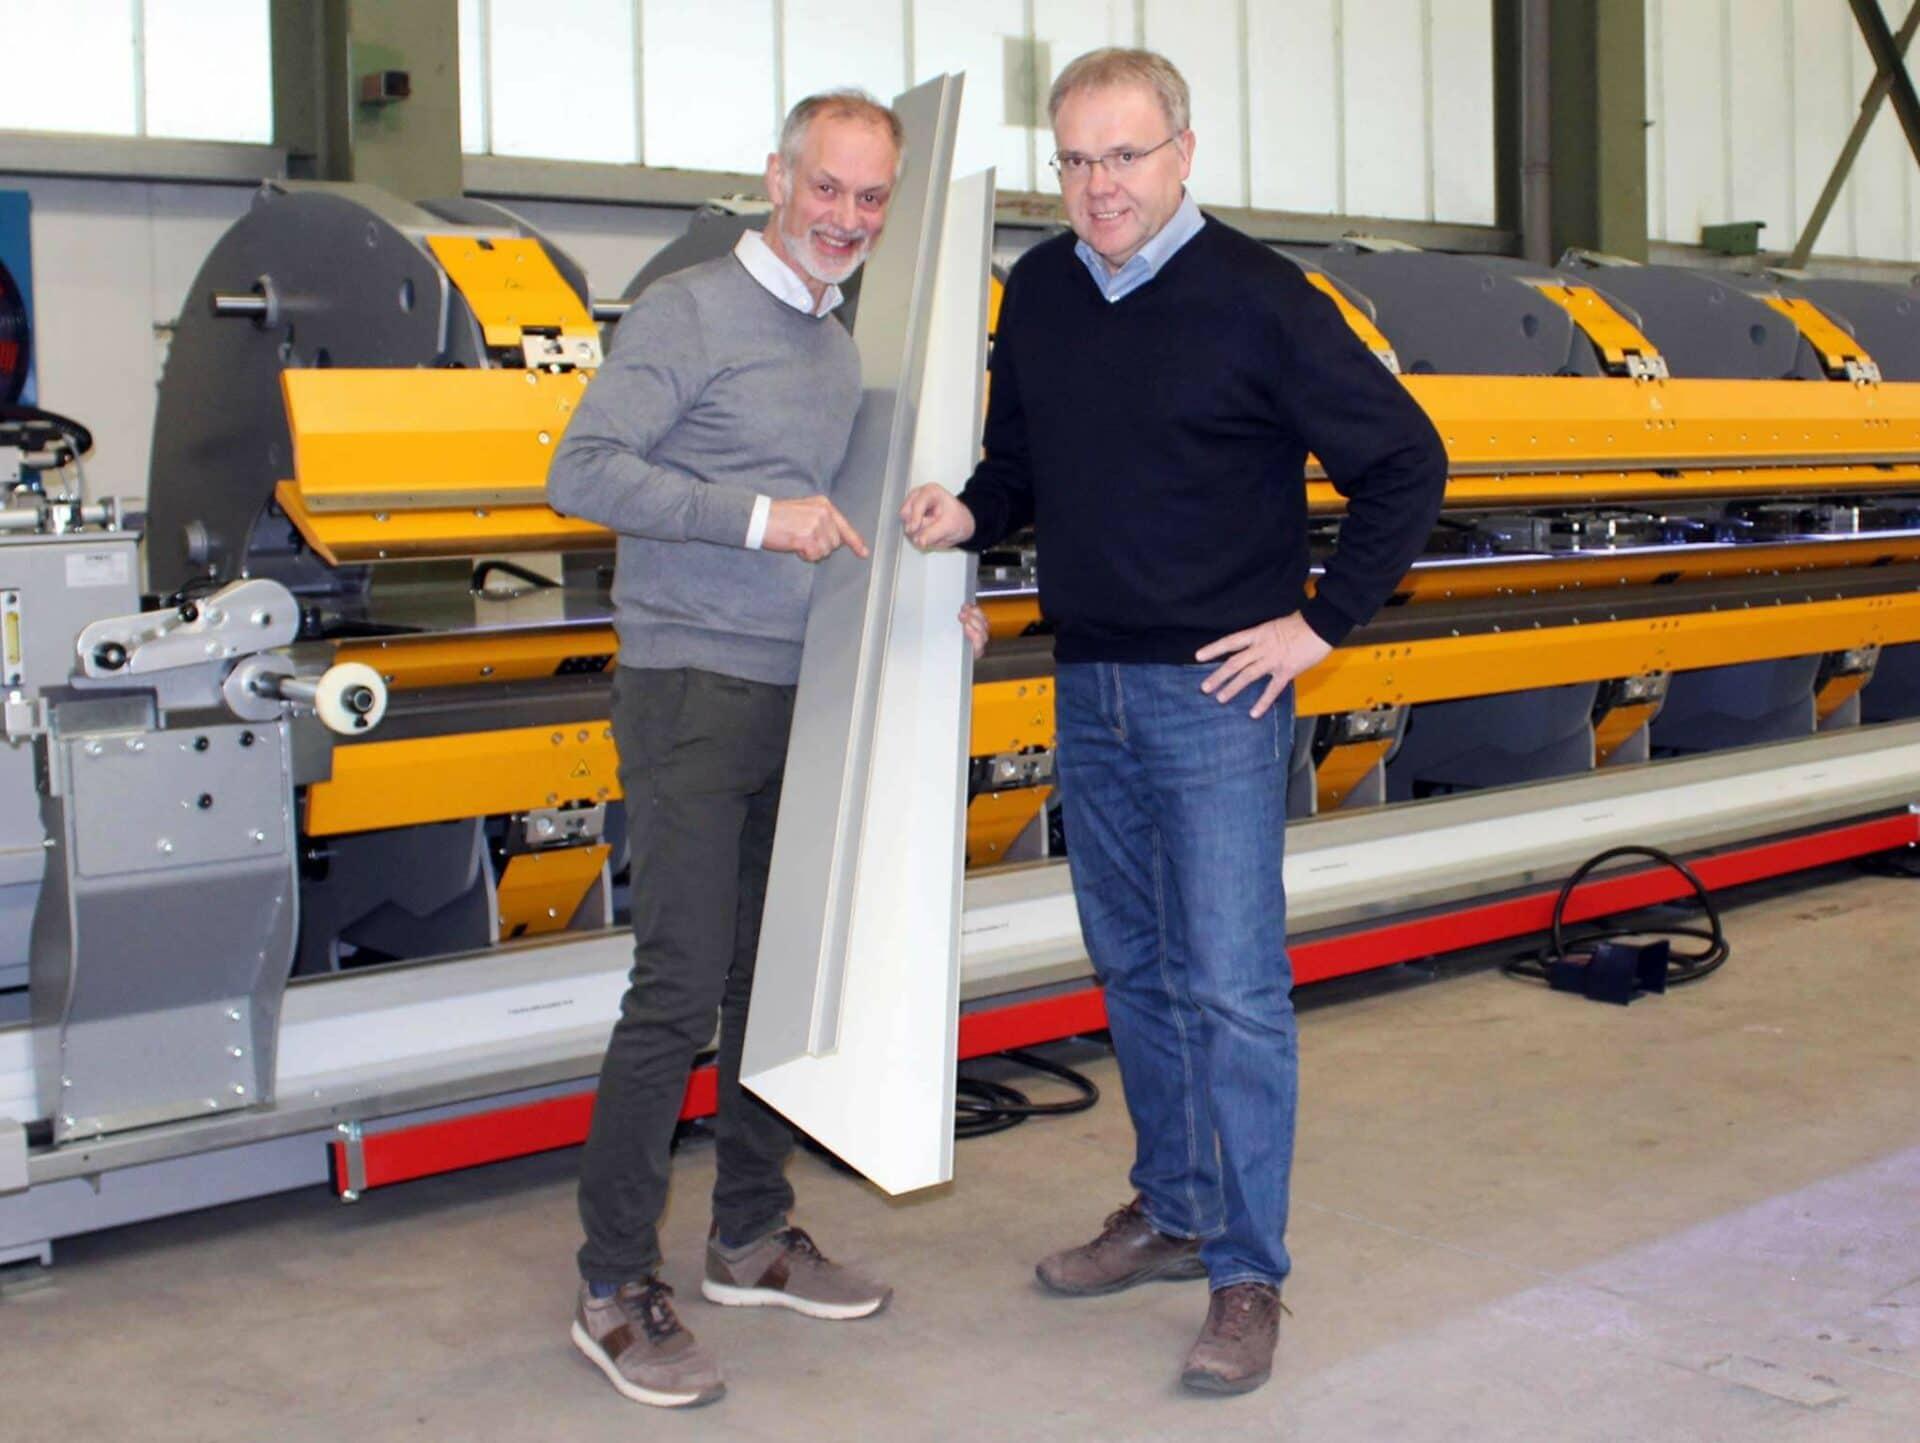 PERFEKTES ERGEBNIS:Marco Cappello (Geschäftsführer der THALMANN Maschinenbau AG) und Jürgen Stötzel (Niederlassungsleiter am Standort Kirchhardt-Berwangen) freuen sich über ein perfekt gebogenes Blechprofil.